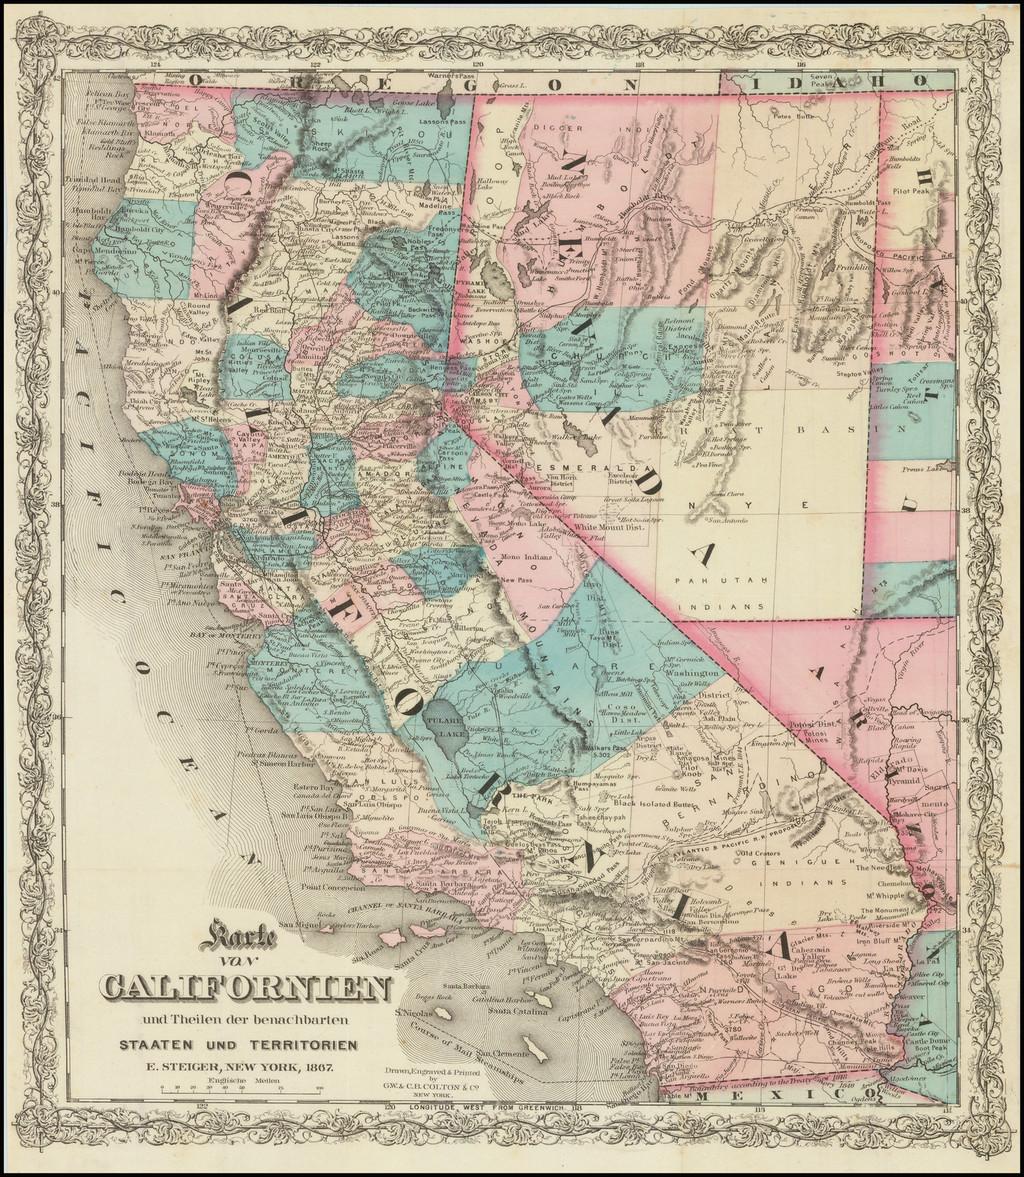 Karte Von Californien und Theilen der benachbarten Saaten und Territorien.  E. Steiger, New York. 1867. By G.W.  & C.B. Colton / E. Steiger